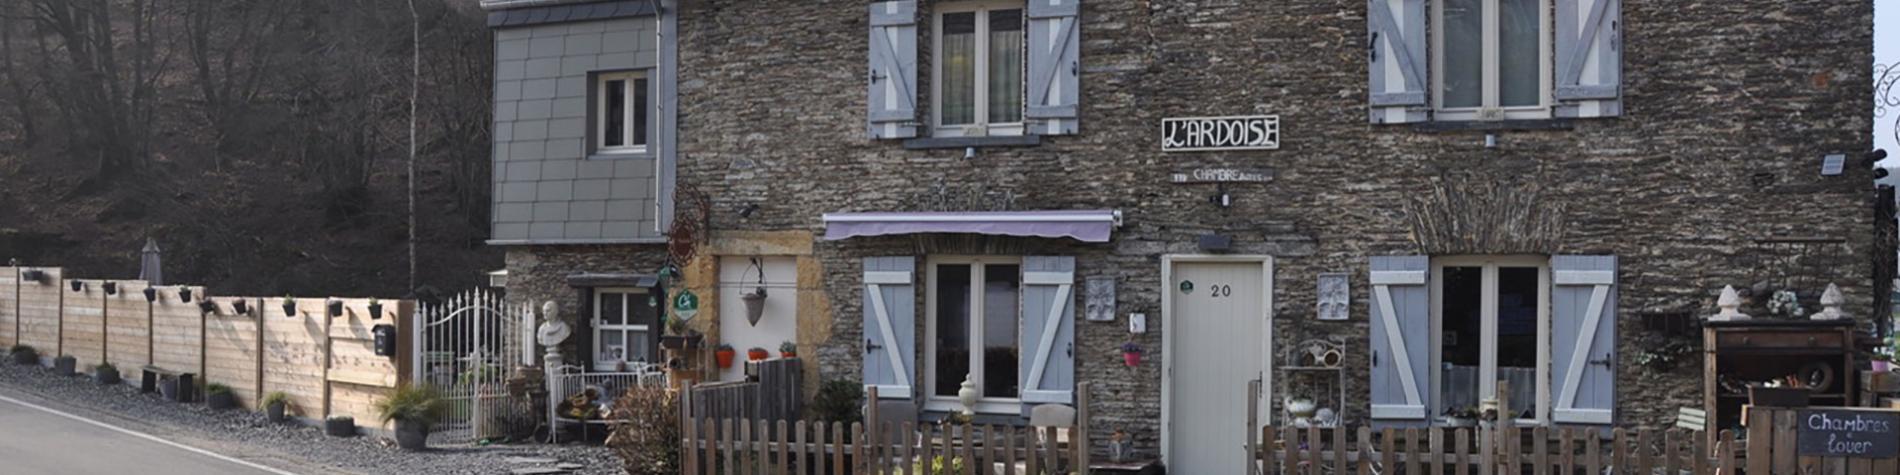 Maison d'hôtes L'Ardoise à Bertrix